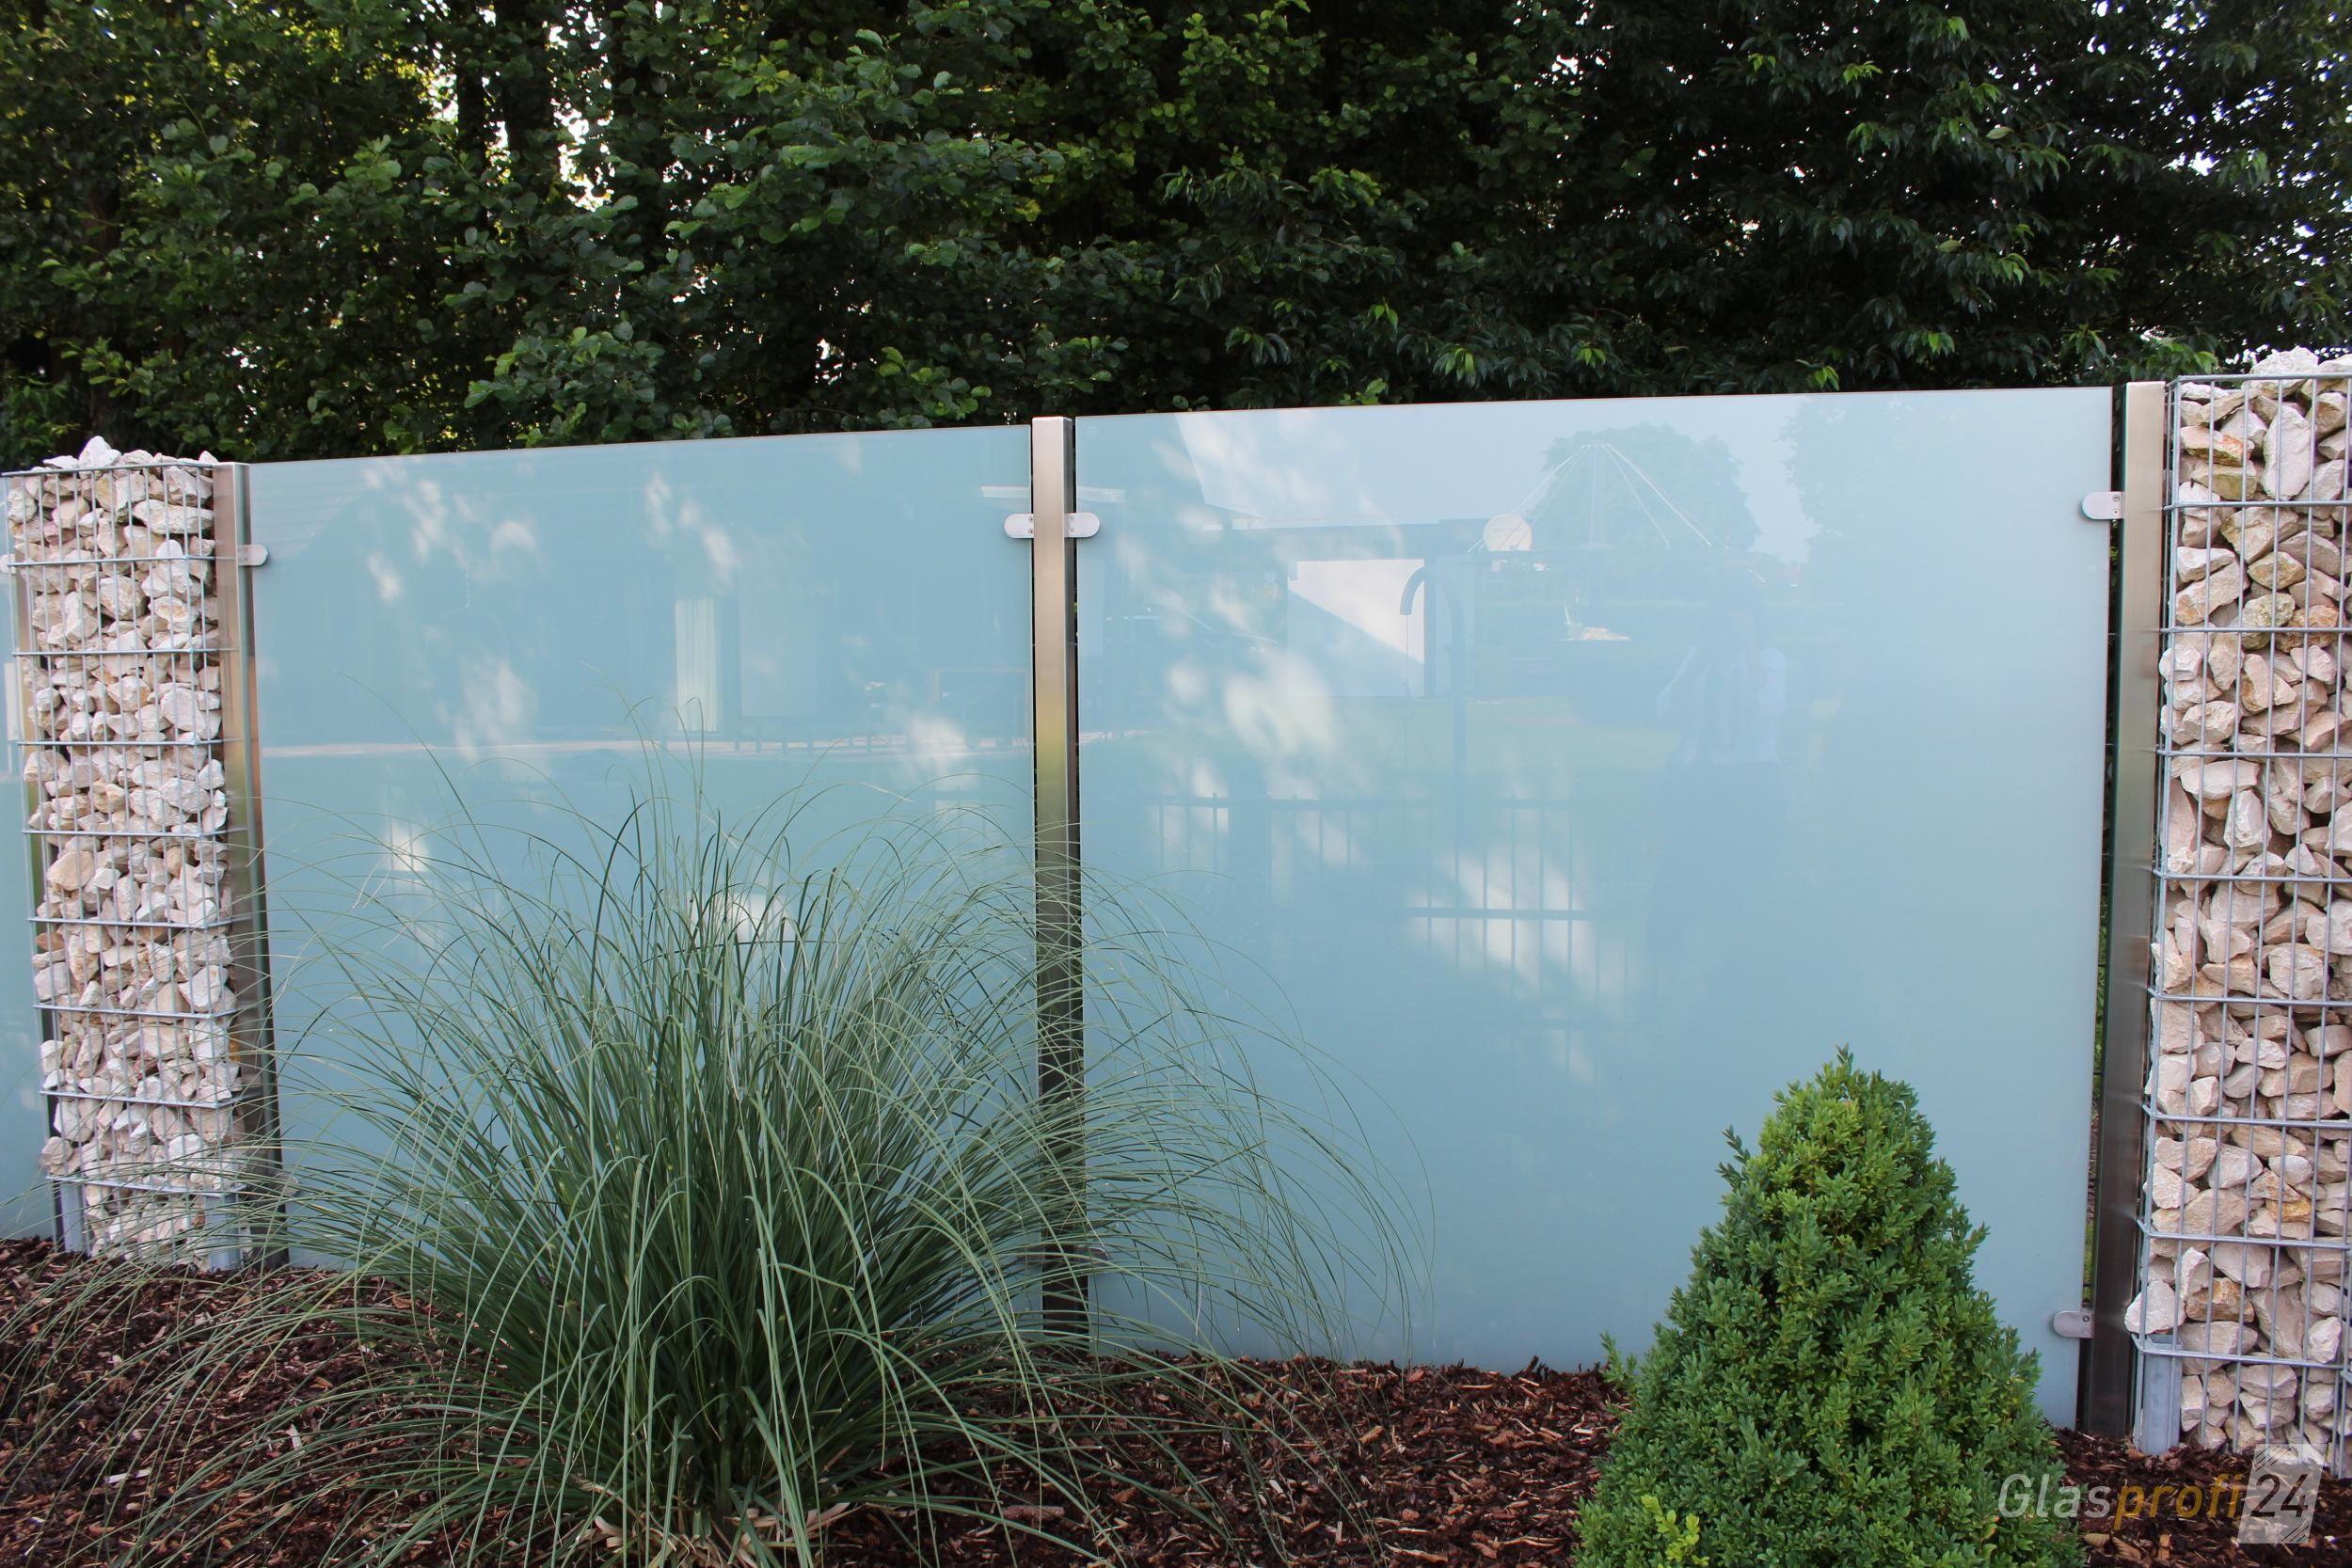 Sichtschutz Aus Glas Fur Den Garten Glasprofi24 Sichtschutz